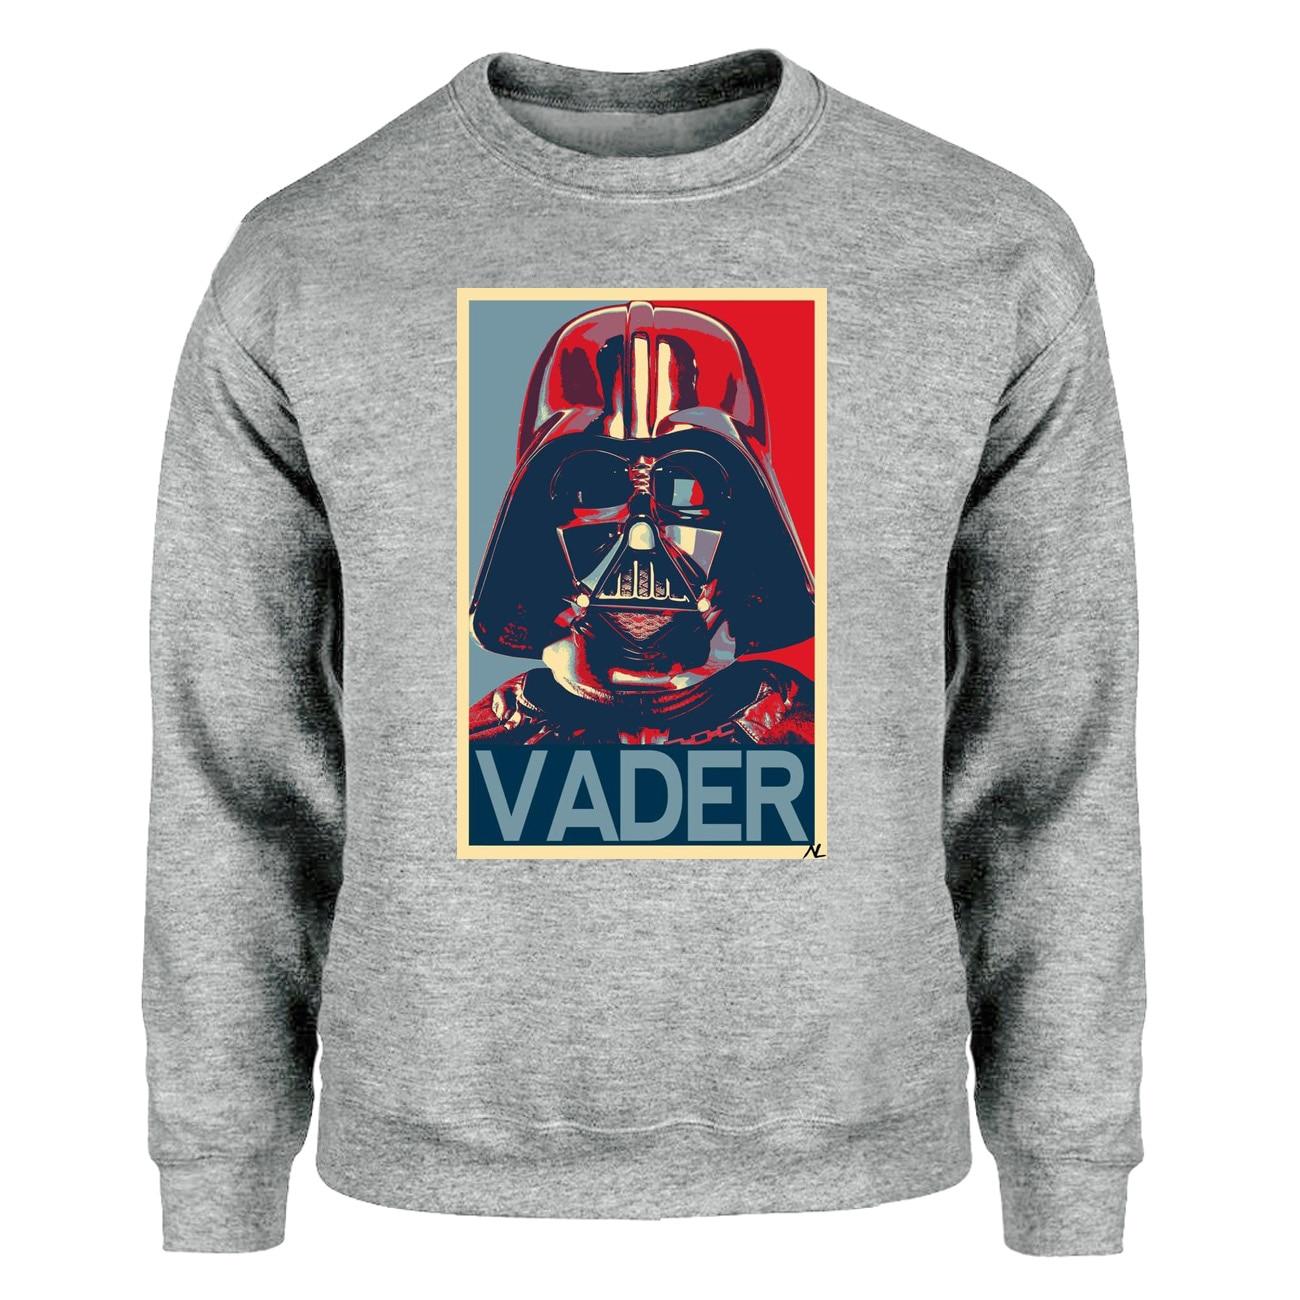 Star Wars Hoodies Sweatshirts Men Darth Vader Crewneck Sweatshirt Winter Autumn Starwars Streetwear Balck Gray White Sportswear